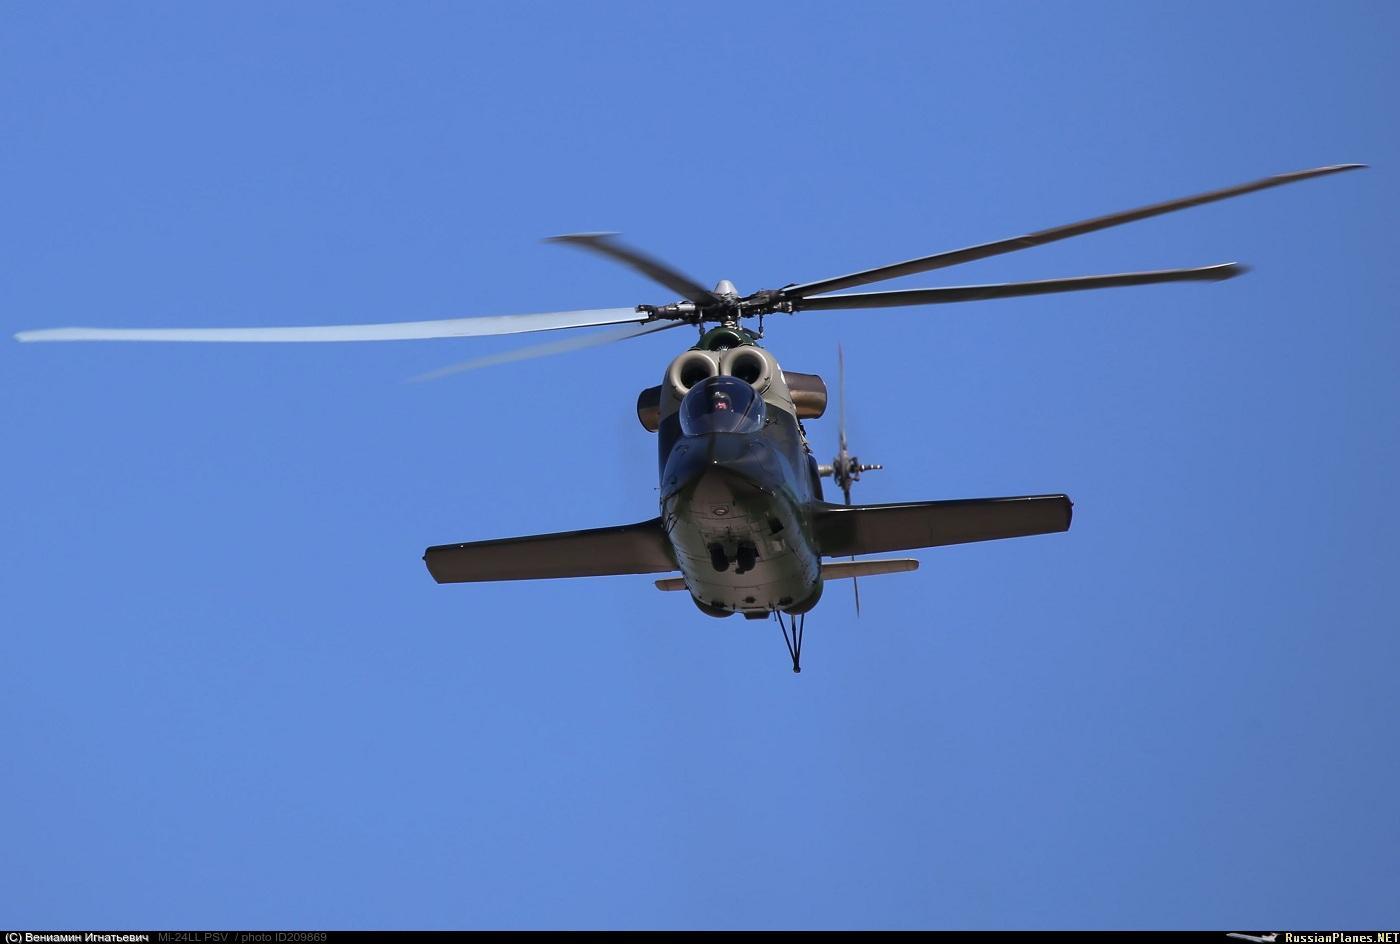 Контракт на формирование концепции скоростного боевого вертолета СБВ